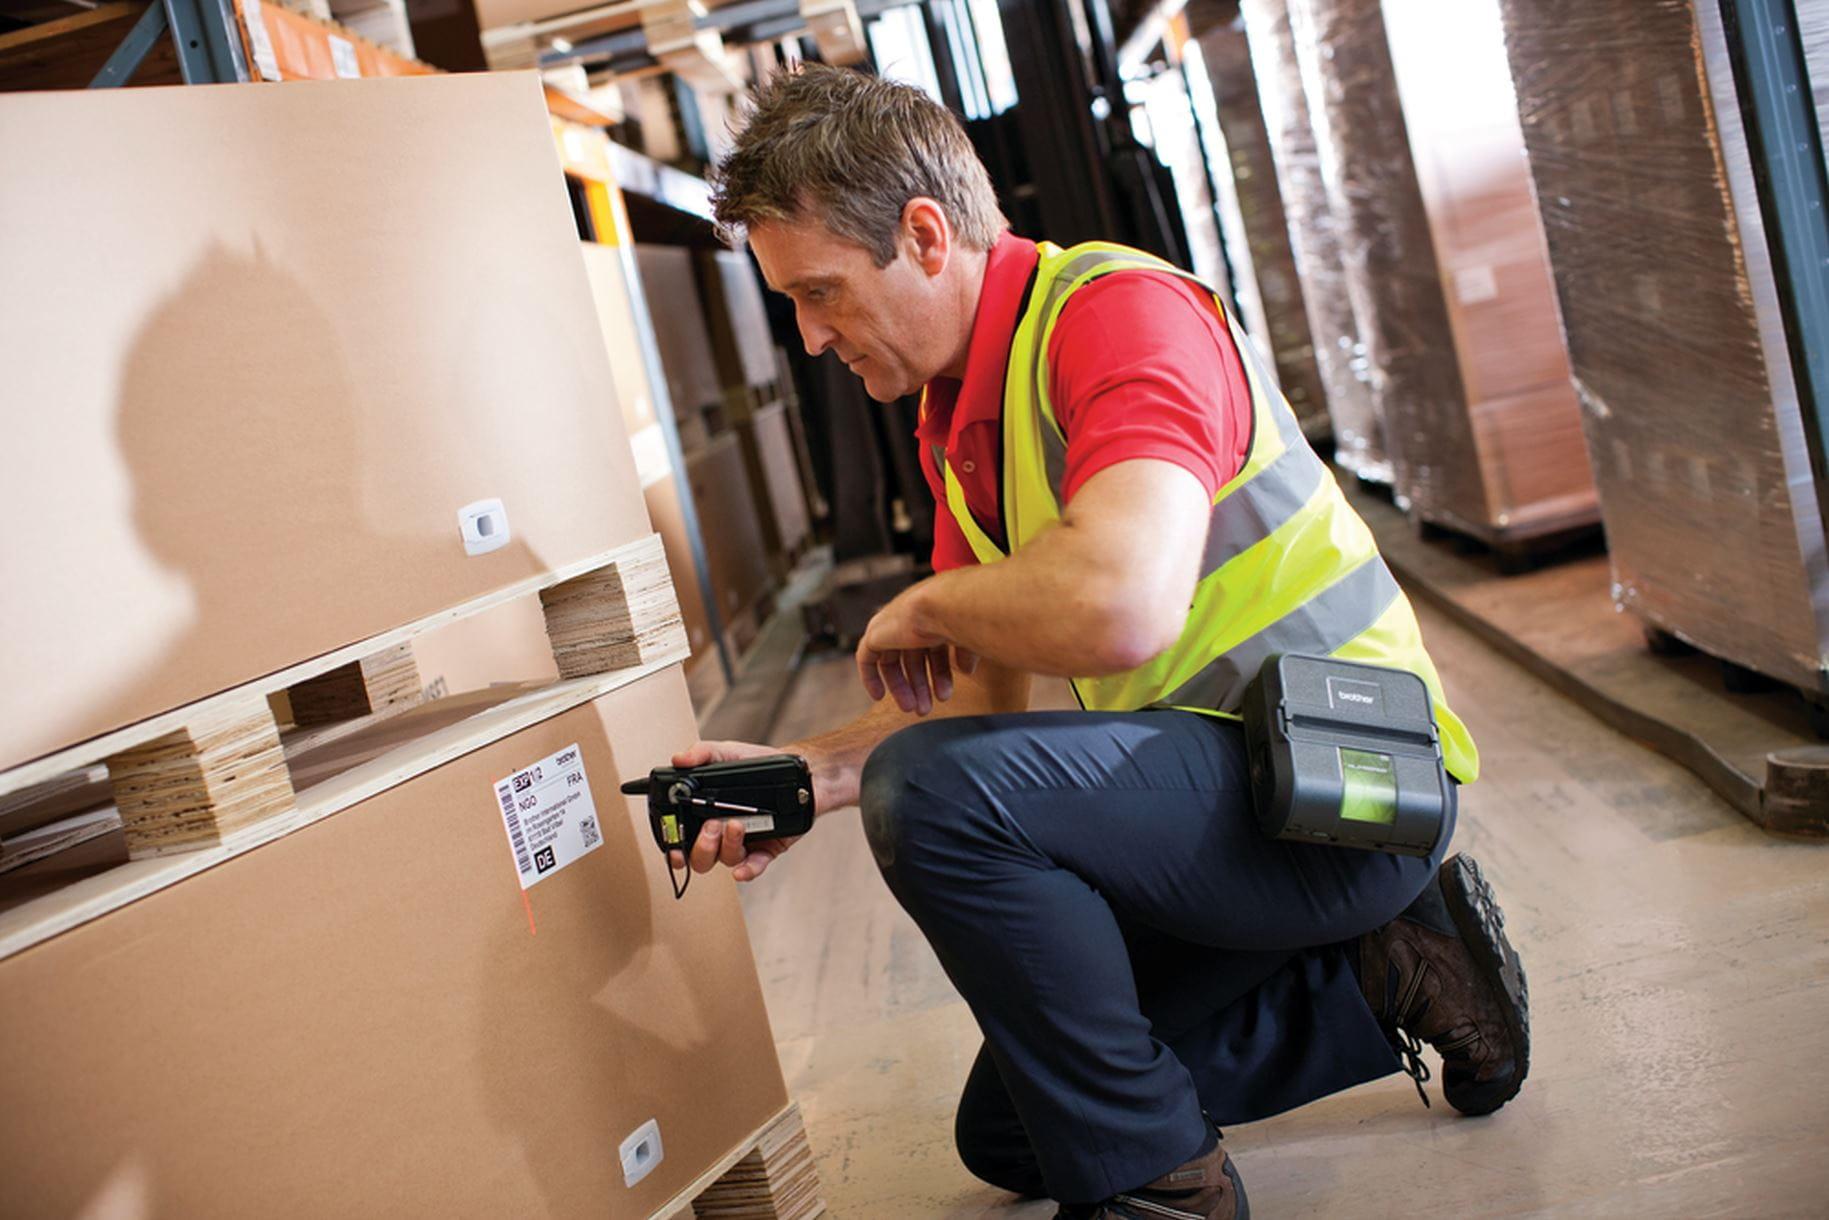 pracovník v sklade skenujúci štítok na krabici s Brother RJ za opaskom